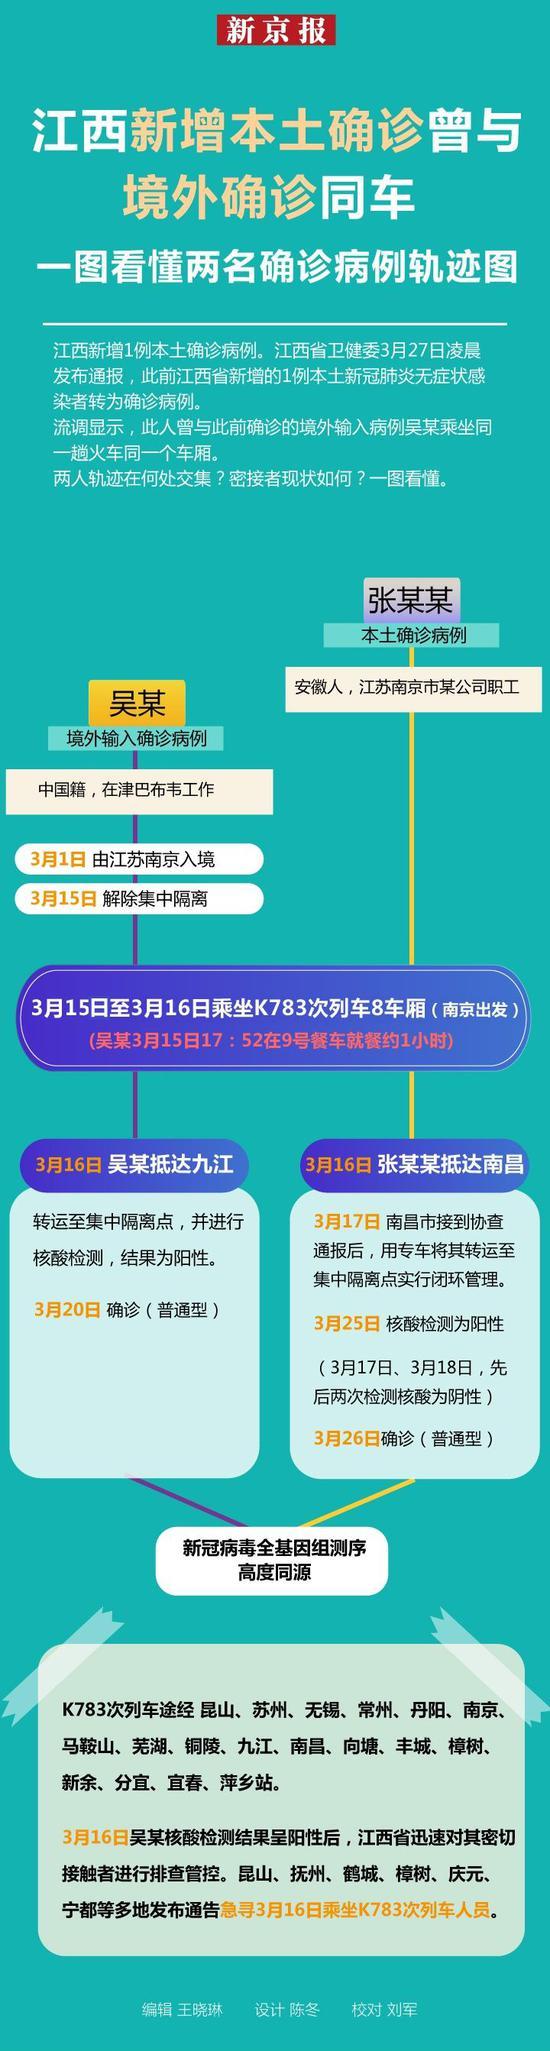 江西新增本土确诊曾与境外确诊同车 一图看懂两名确诊病例轨迹图片